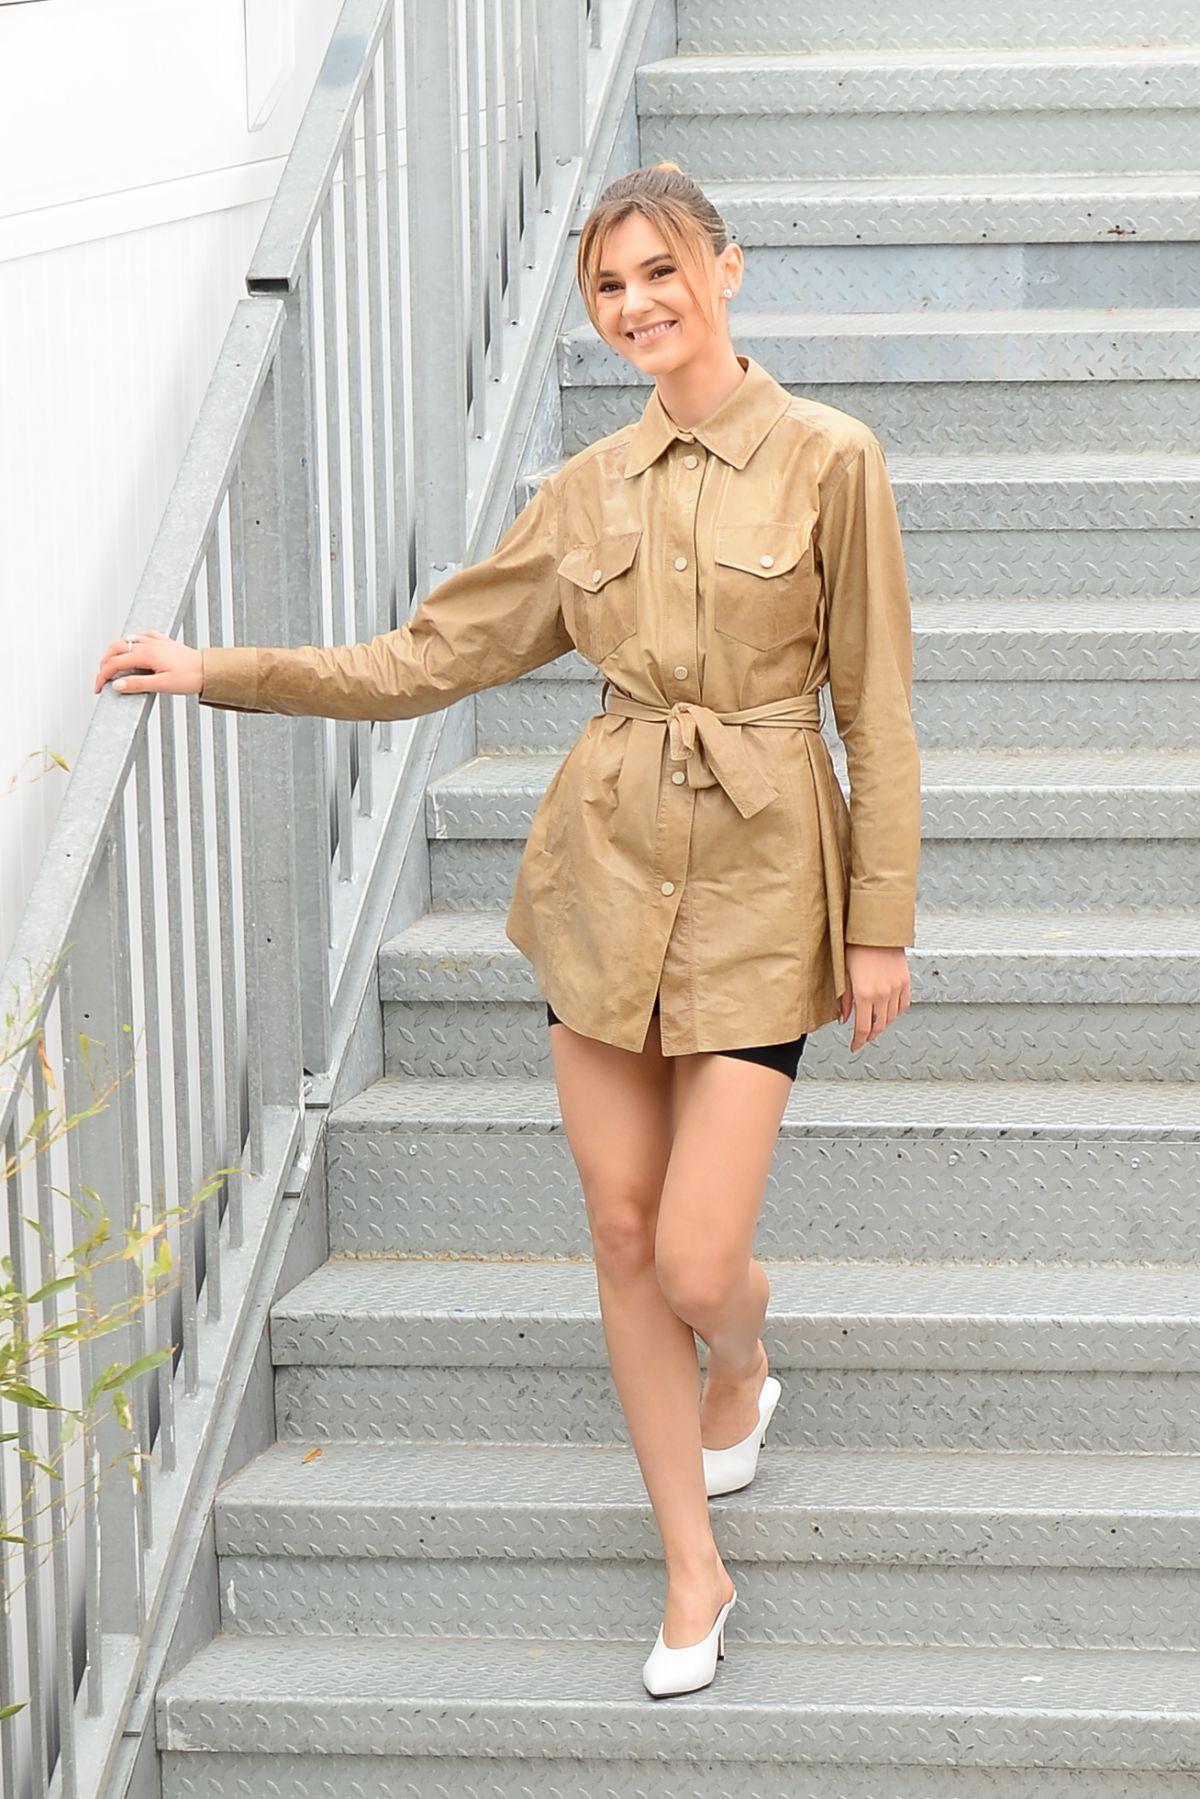 Stefanie Gießinger